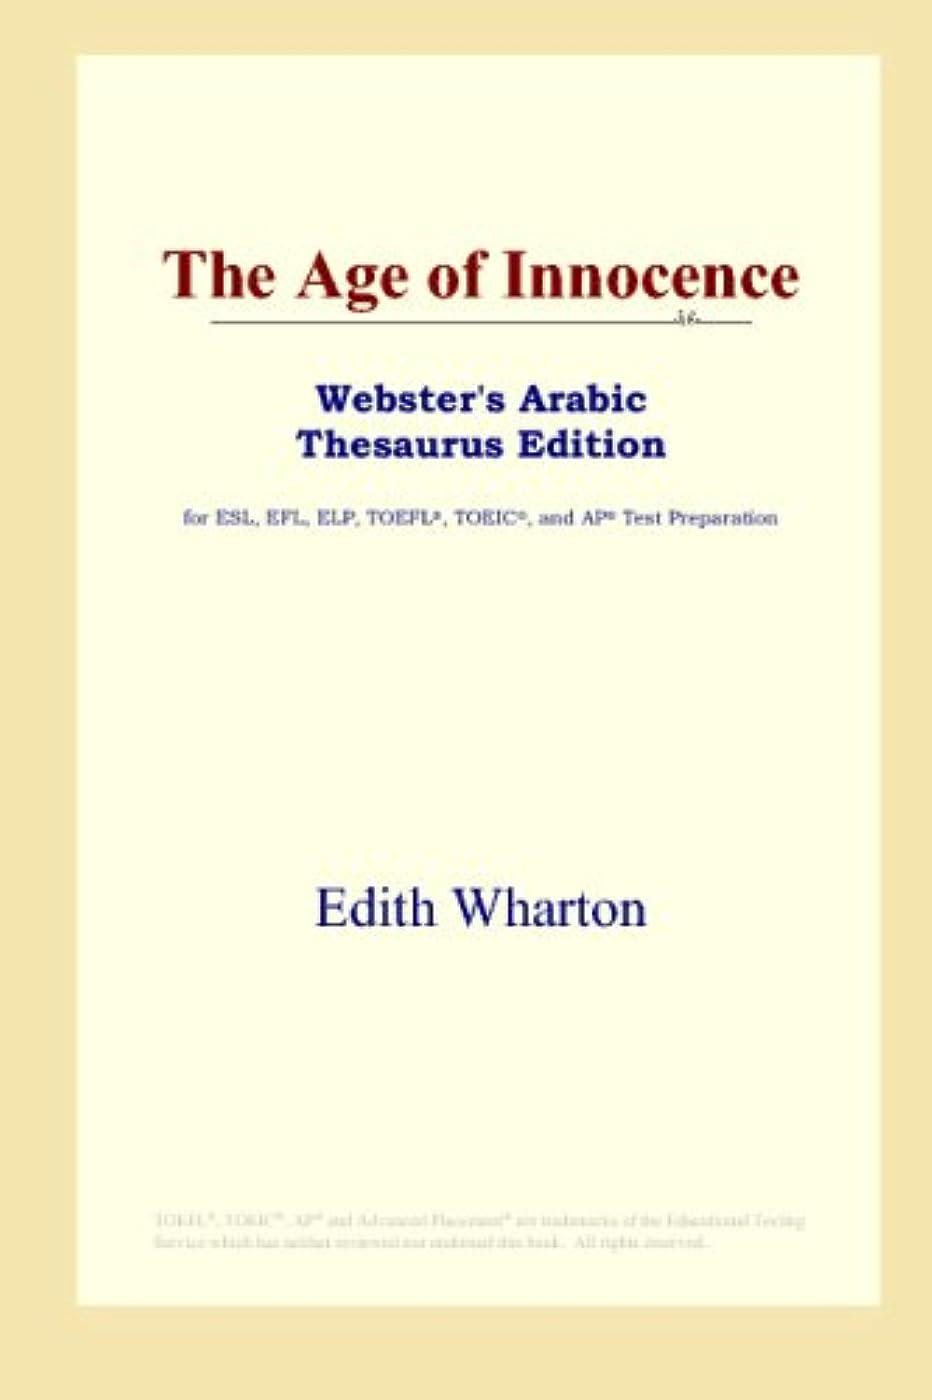 黒人バブル住所The Age of Innocence (Webster's Arabic Thesaurus Edition)